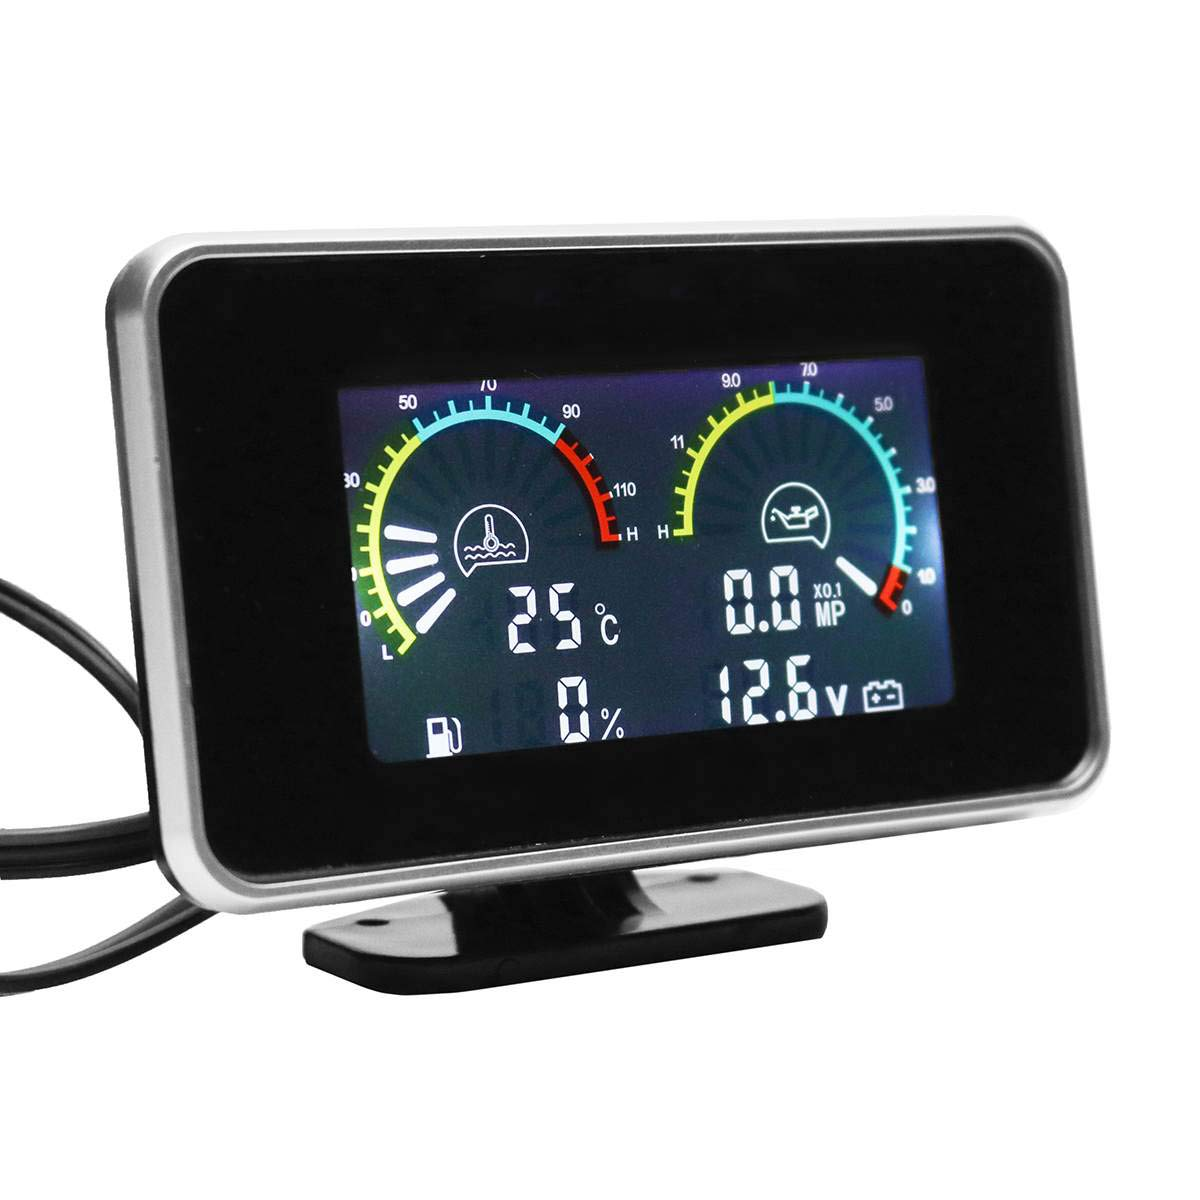 Semoic 4-in-1 LCD Car Digital LCD Instrument Indicatore di Pressione Dellolio Voltmetro Indicatore Livello Carburante Indicatore Temperatura Acqua Orologio Congiunto M10